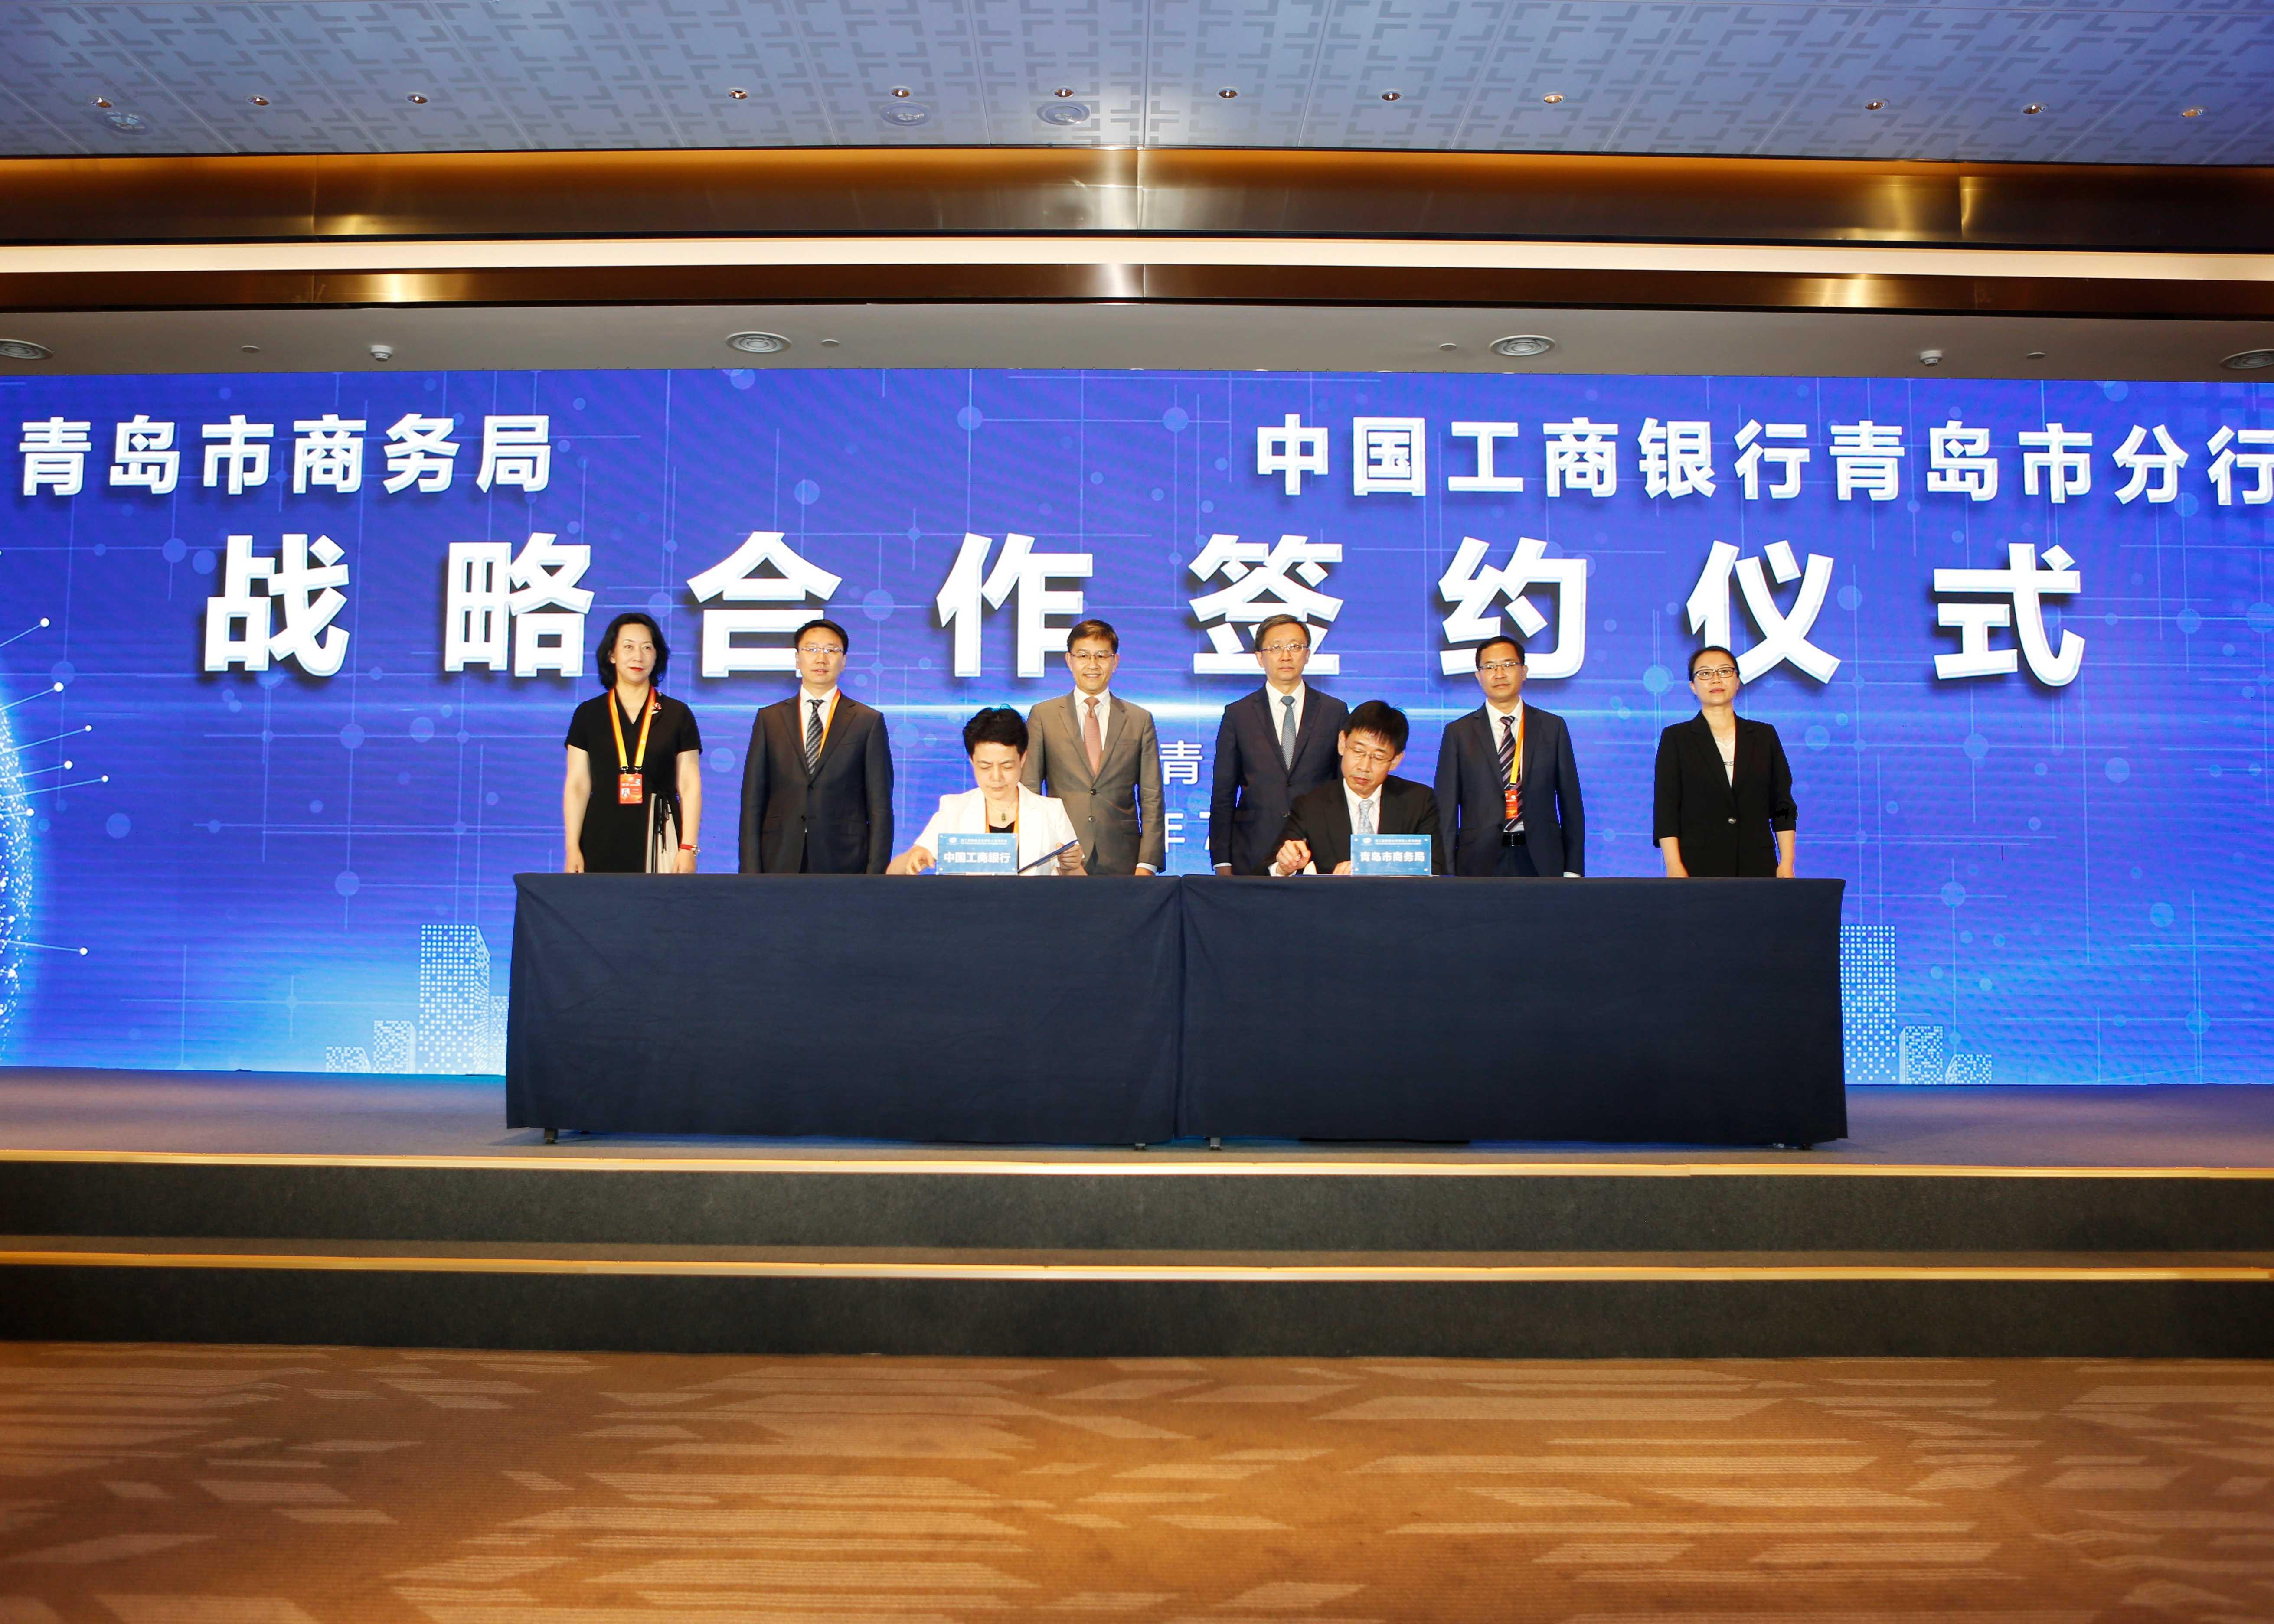 中国工商银行青岛市分行与青岛市商务局开展战略合作